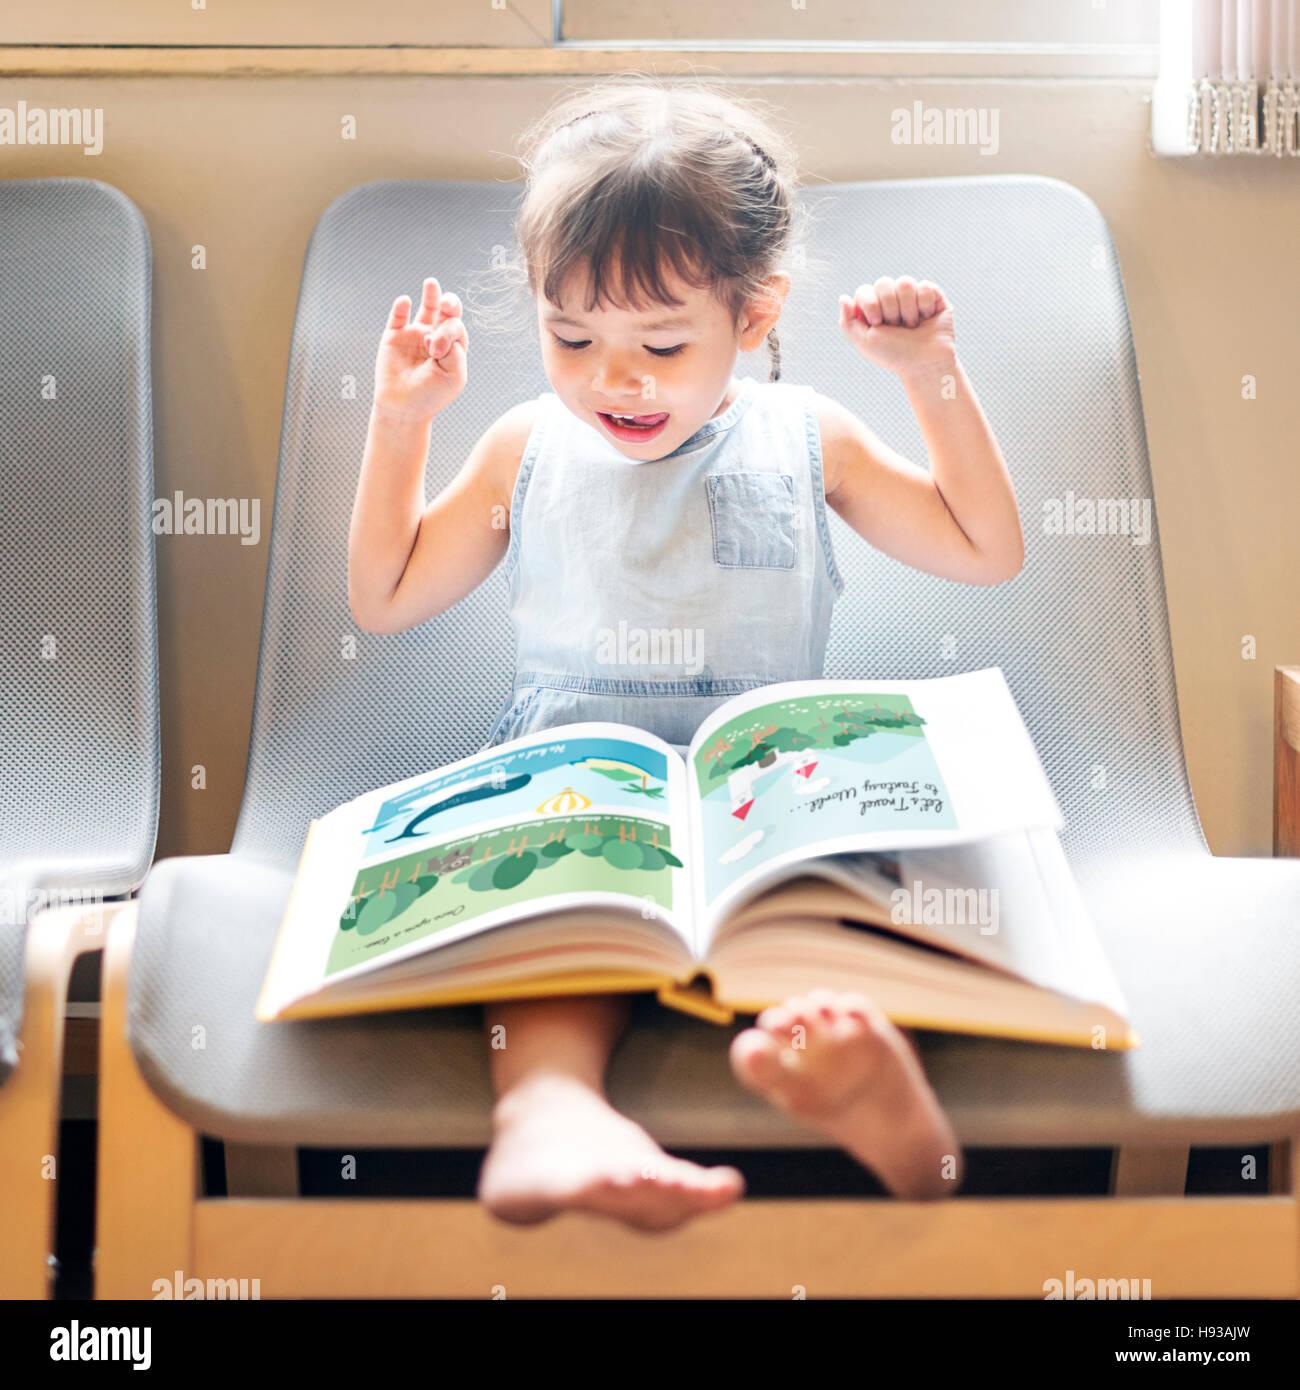 Nachkommen Kleinkind Adolescene fröhliches Mädchen glücklich Konzept Stockbild